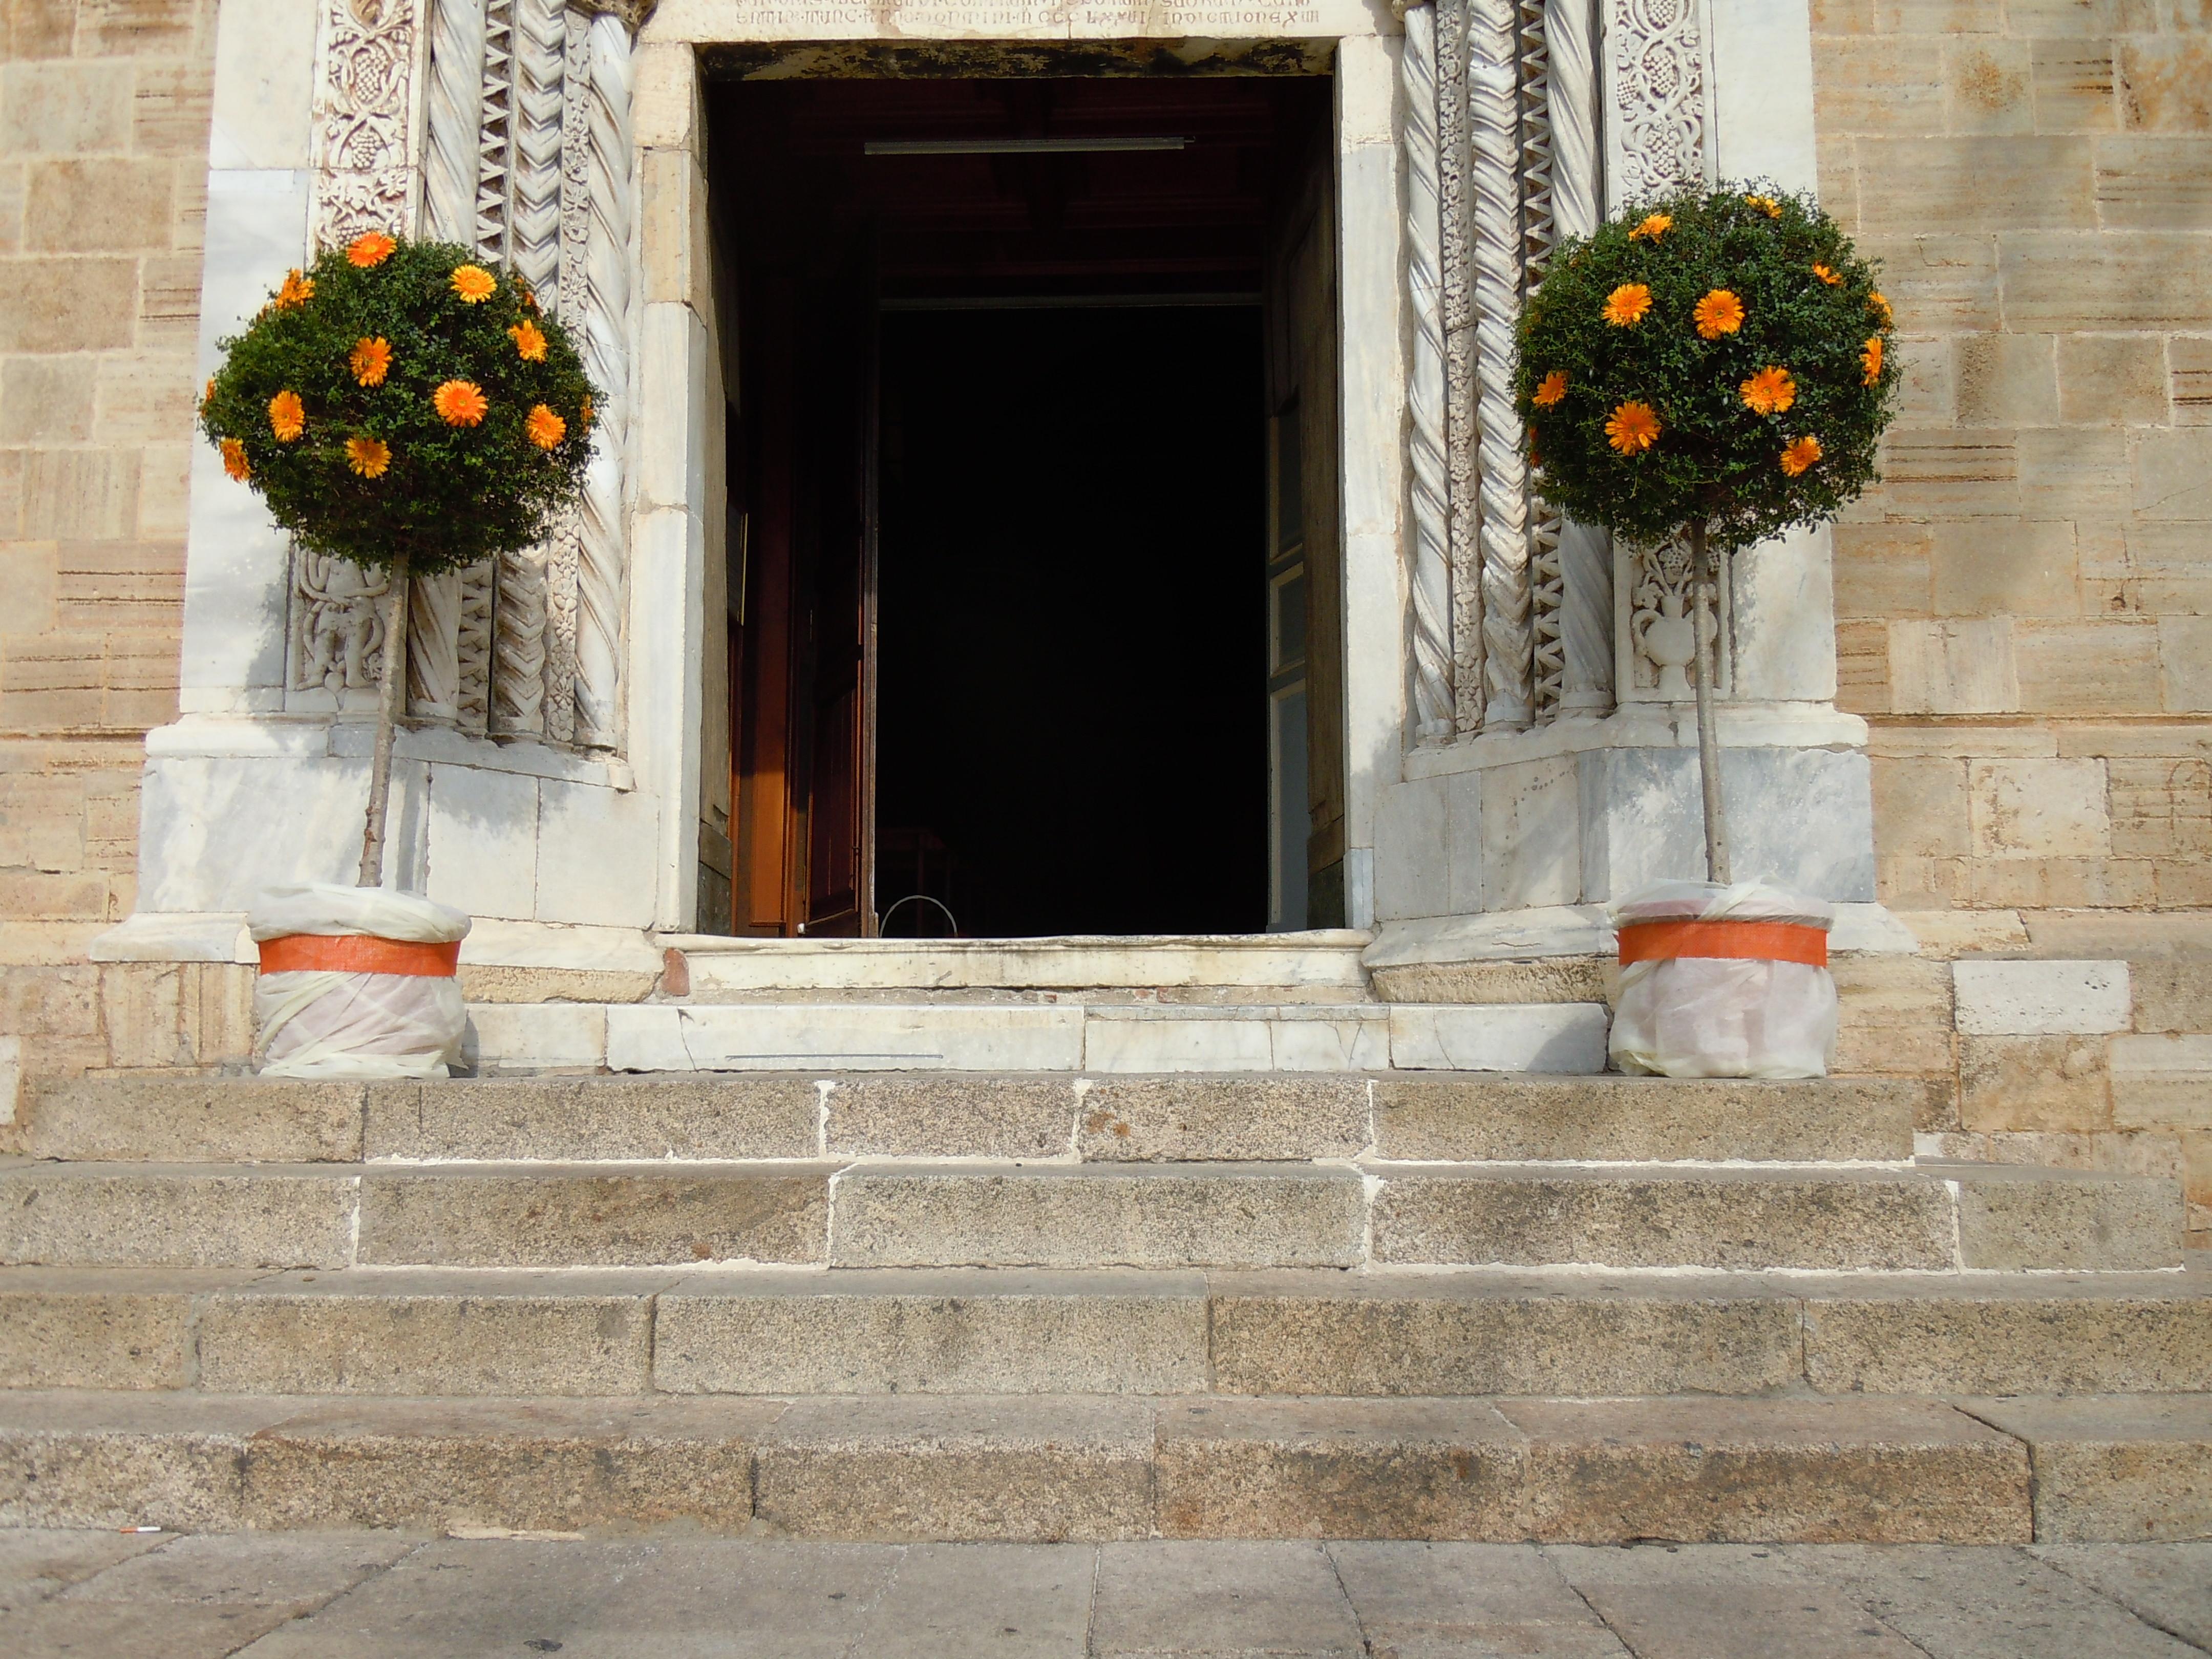 Decorazioni Matrimonio Arancione : Decorazioni arancioni: angelina film arancione cm decorazioni